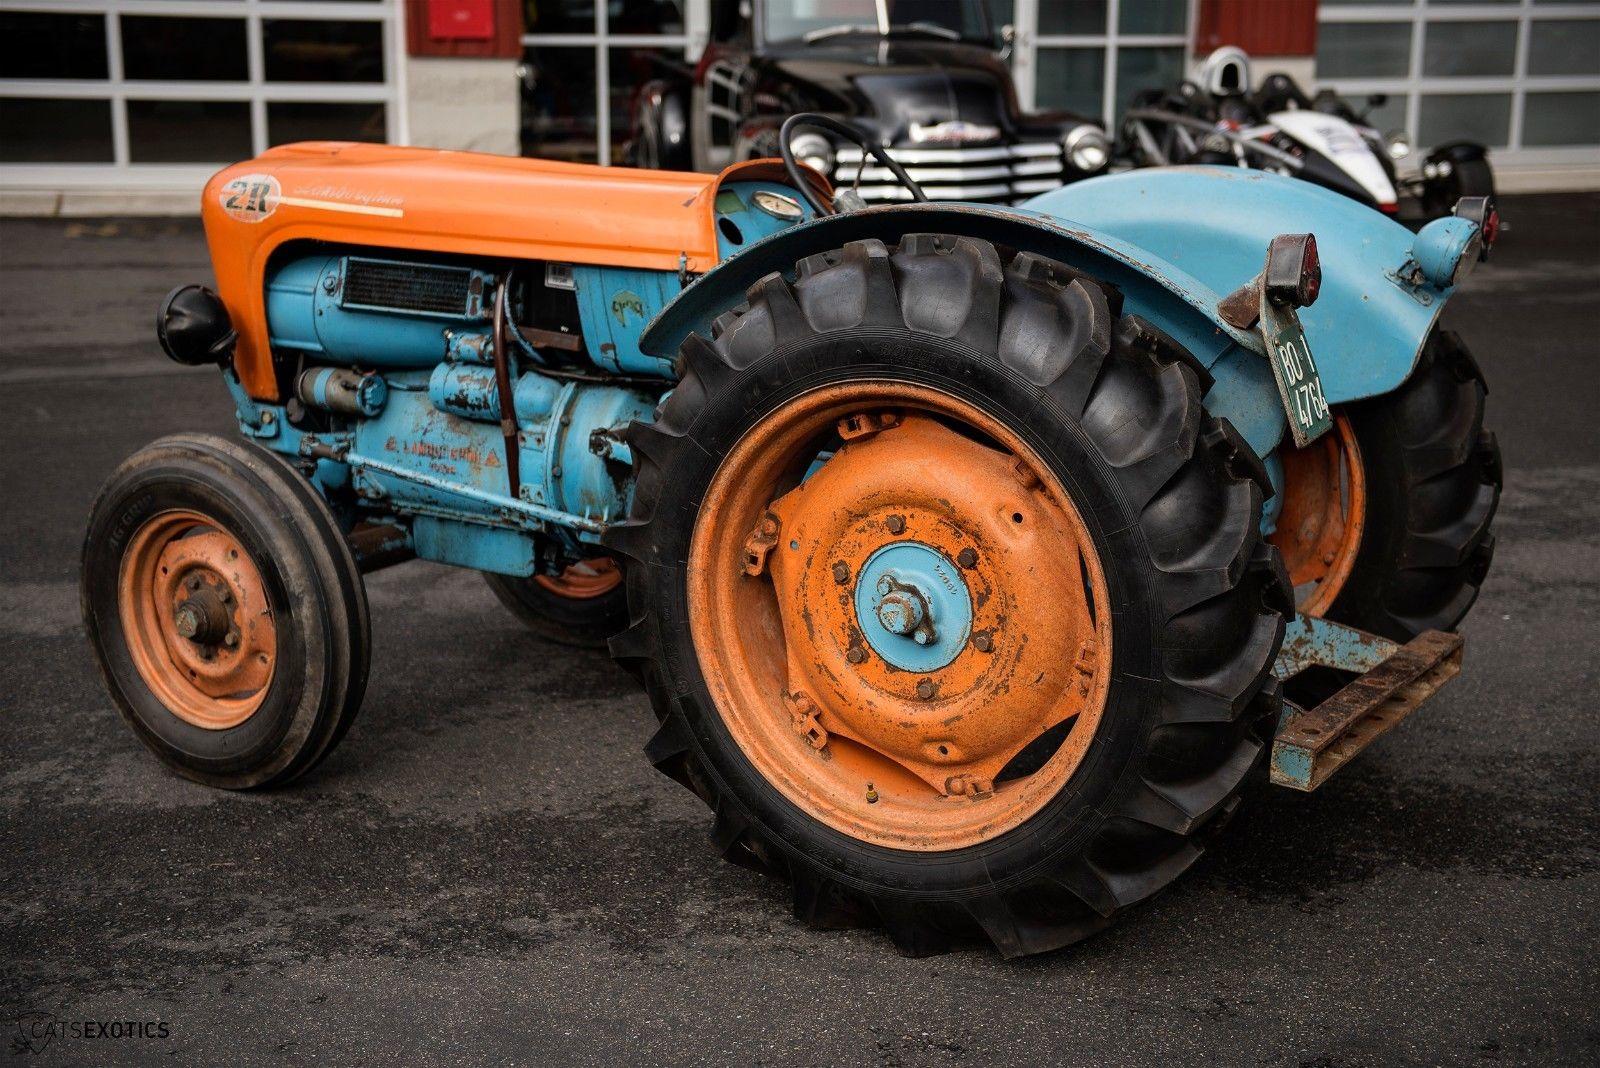 Lamborghini 2R tractor 1964 barnfind for sale (7)